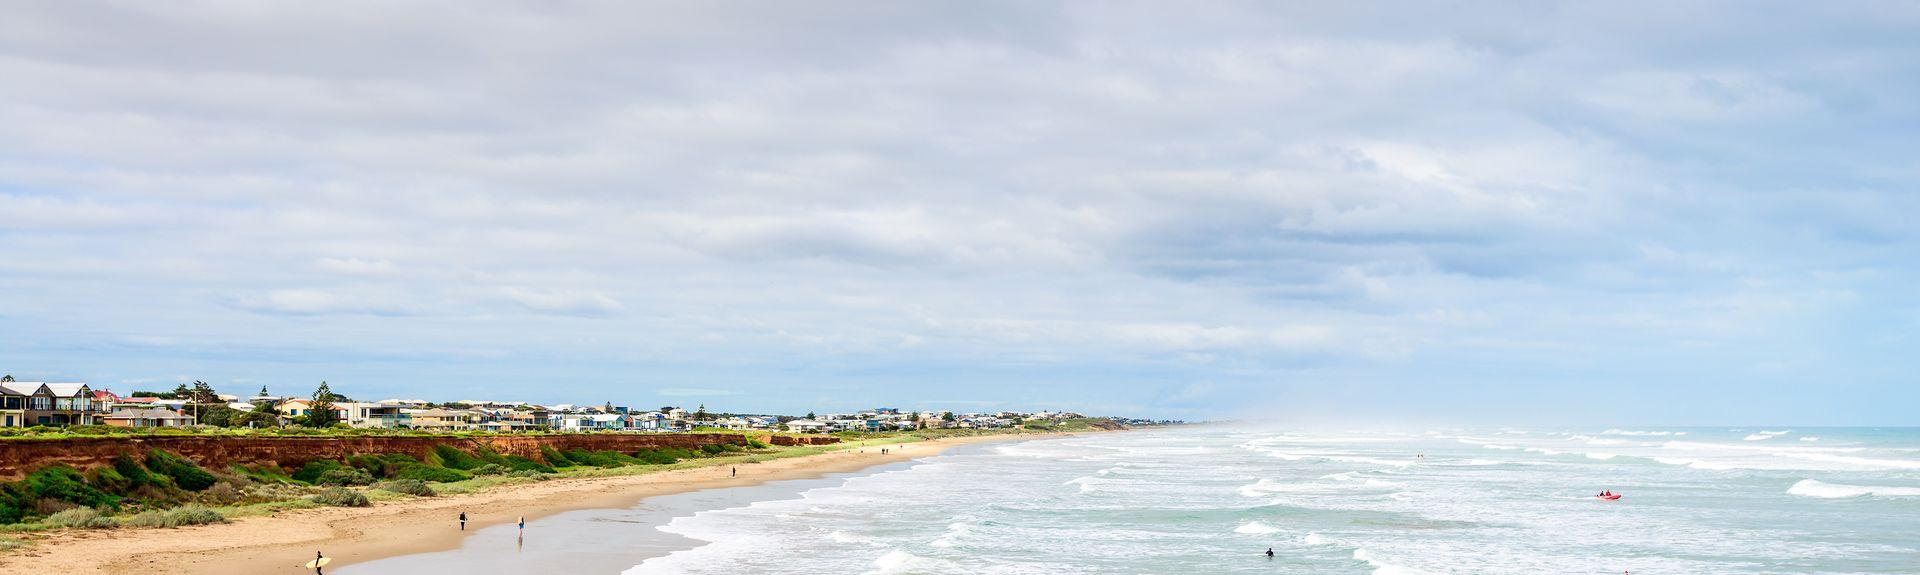 Middleton, South Australia, Australia